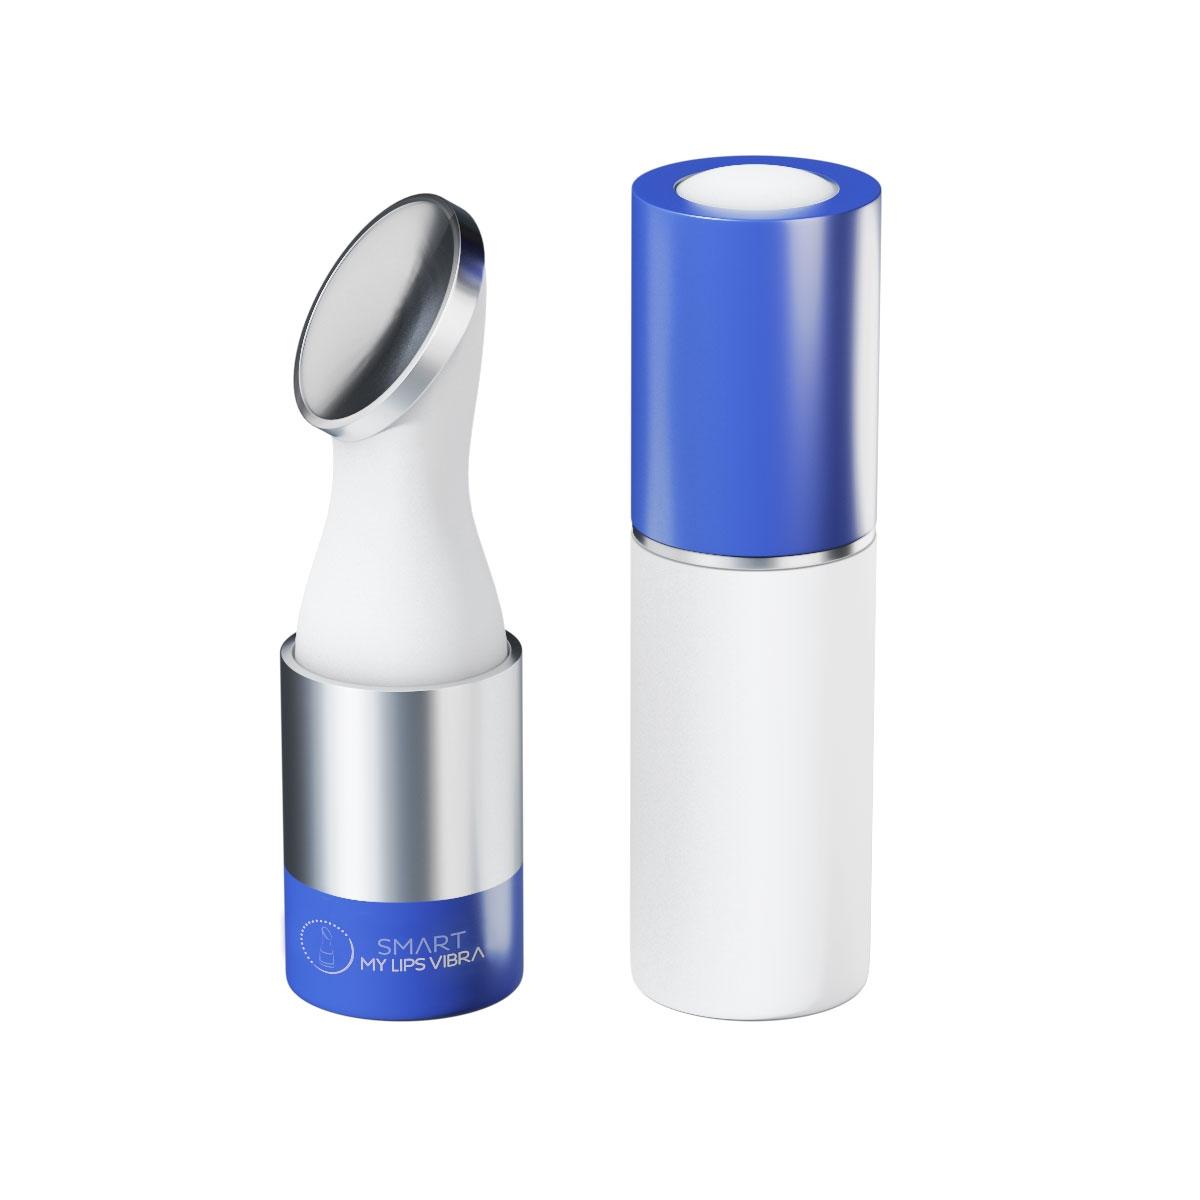 Smart My Lips Vibra - Massageador Labial - Smart GR